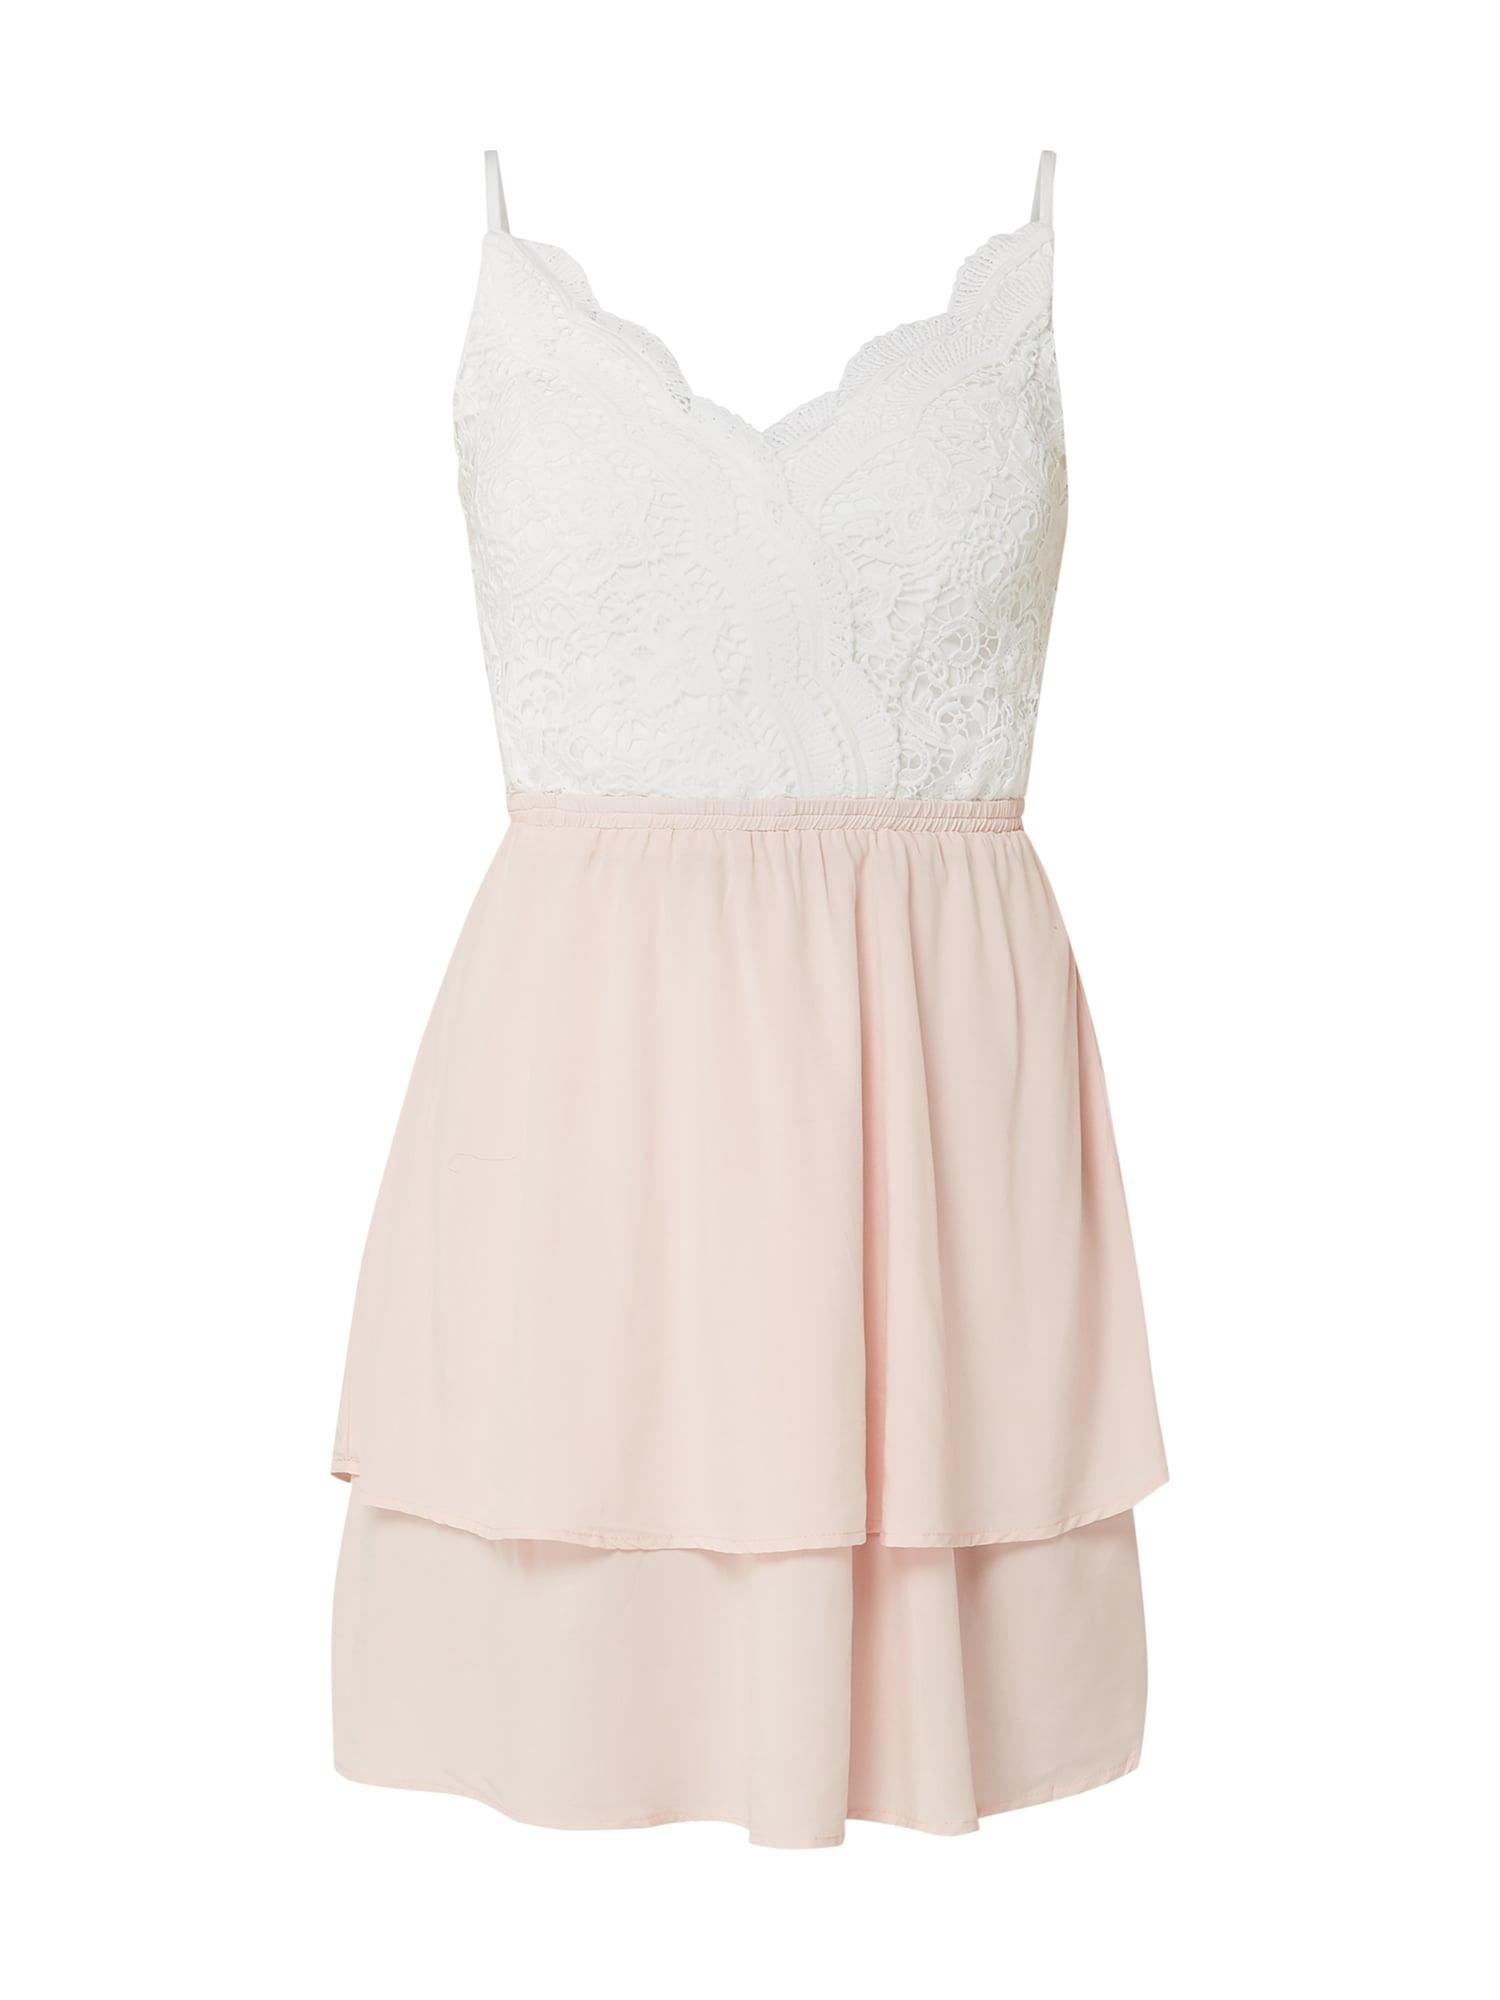 Abend Schön Kleid Spitze Rosa Design17 Spektakulär Kleid Spitze Rosa Galerie